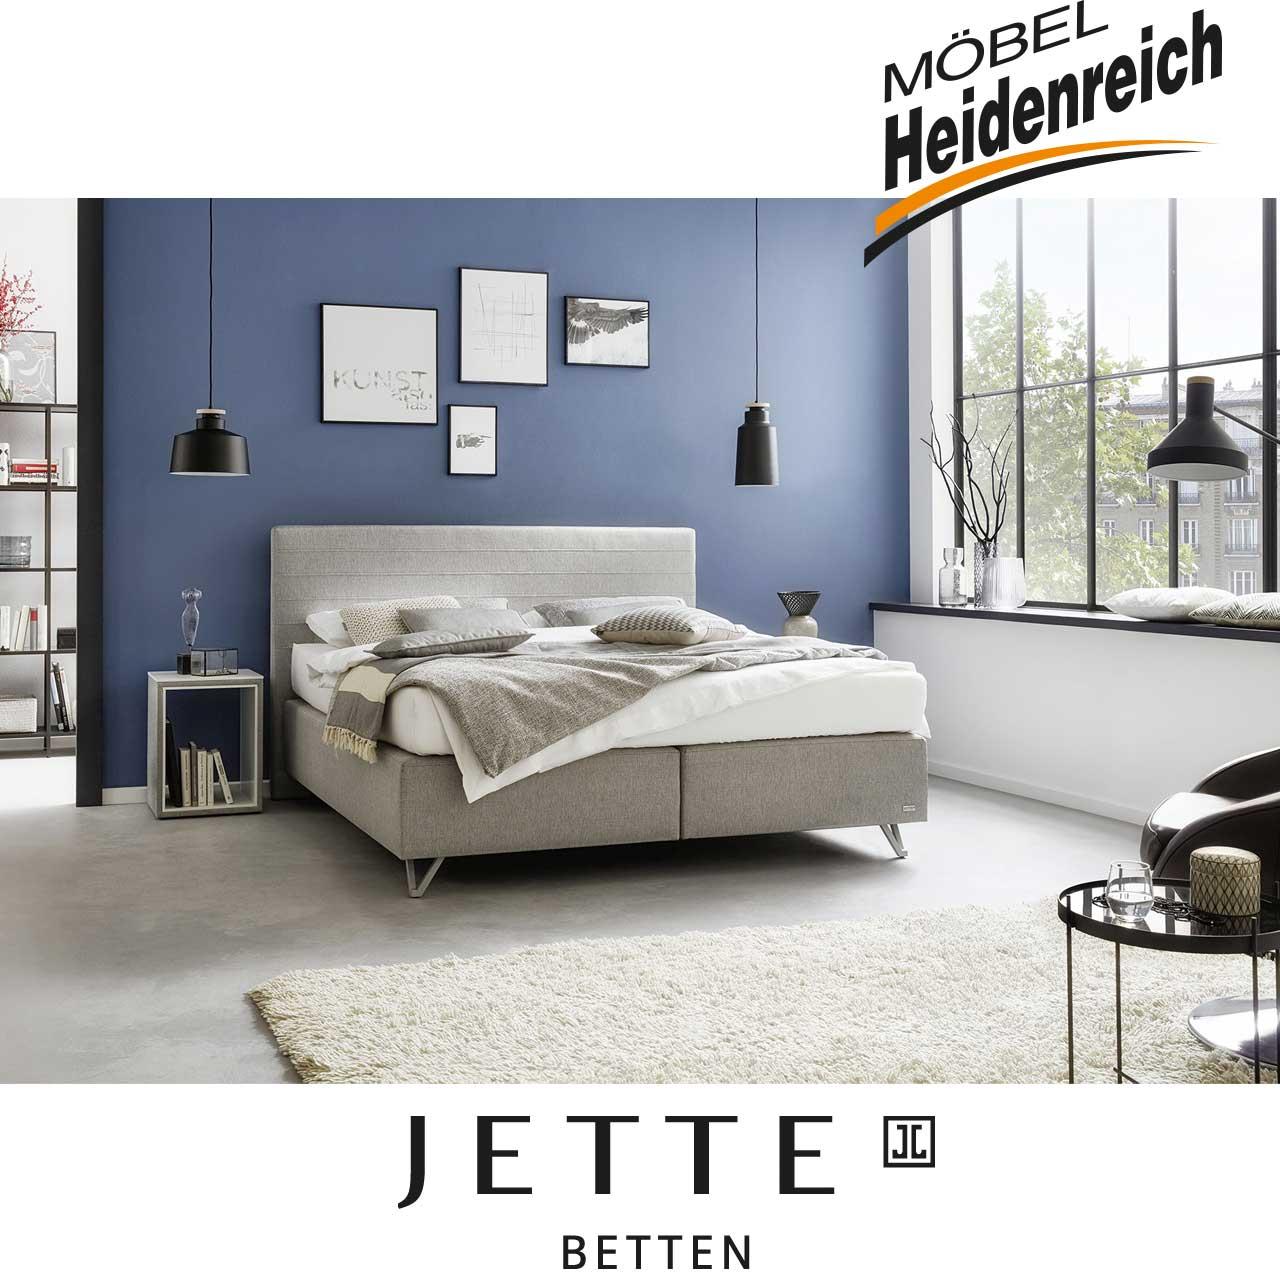 Full Size of Jette Betten 103 Boxspringbett Mbel Heidenreich Bett 200x220 Wohnzimmer Polsterbett 200x220